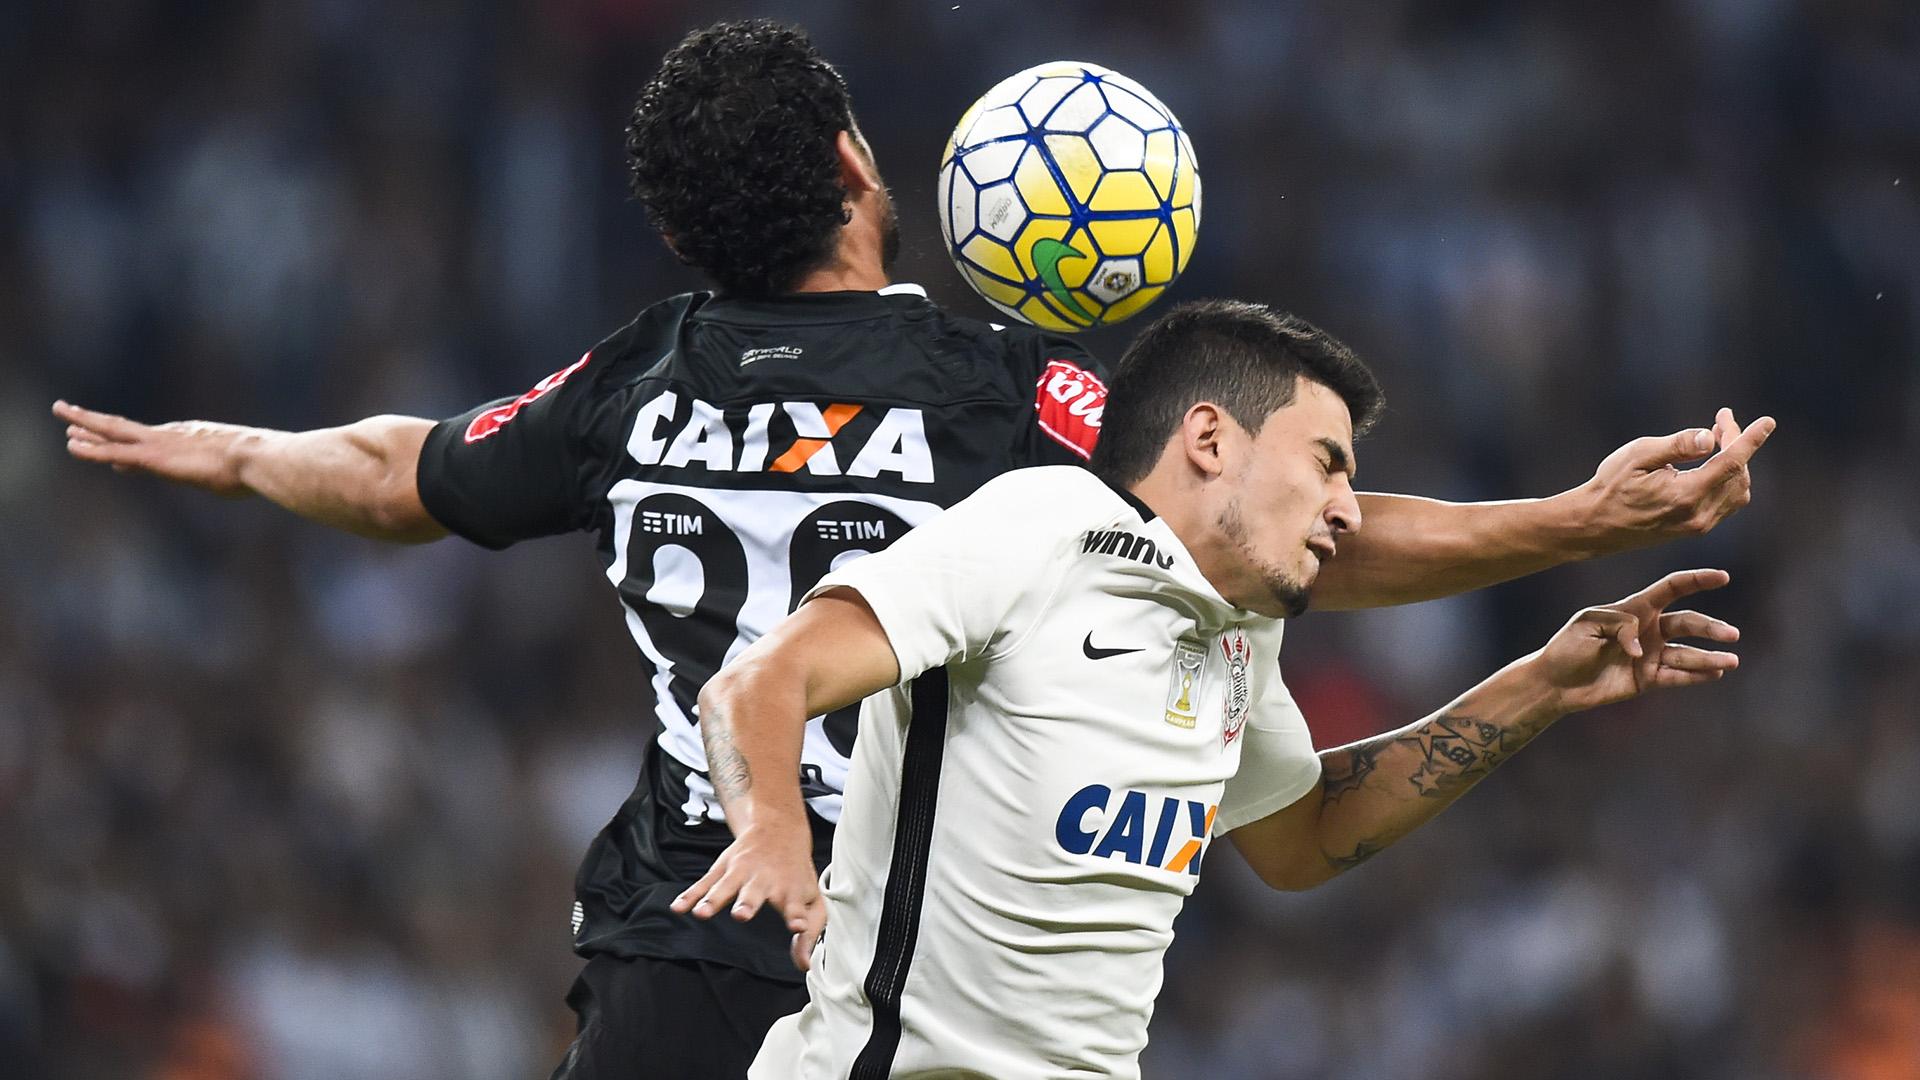 Pedro Henrique Fred Atlético-MG Corinthians Brasileirão 22062016